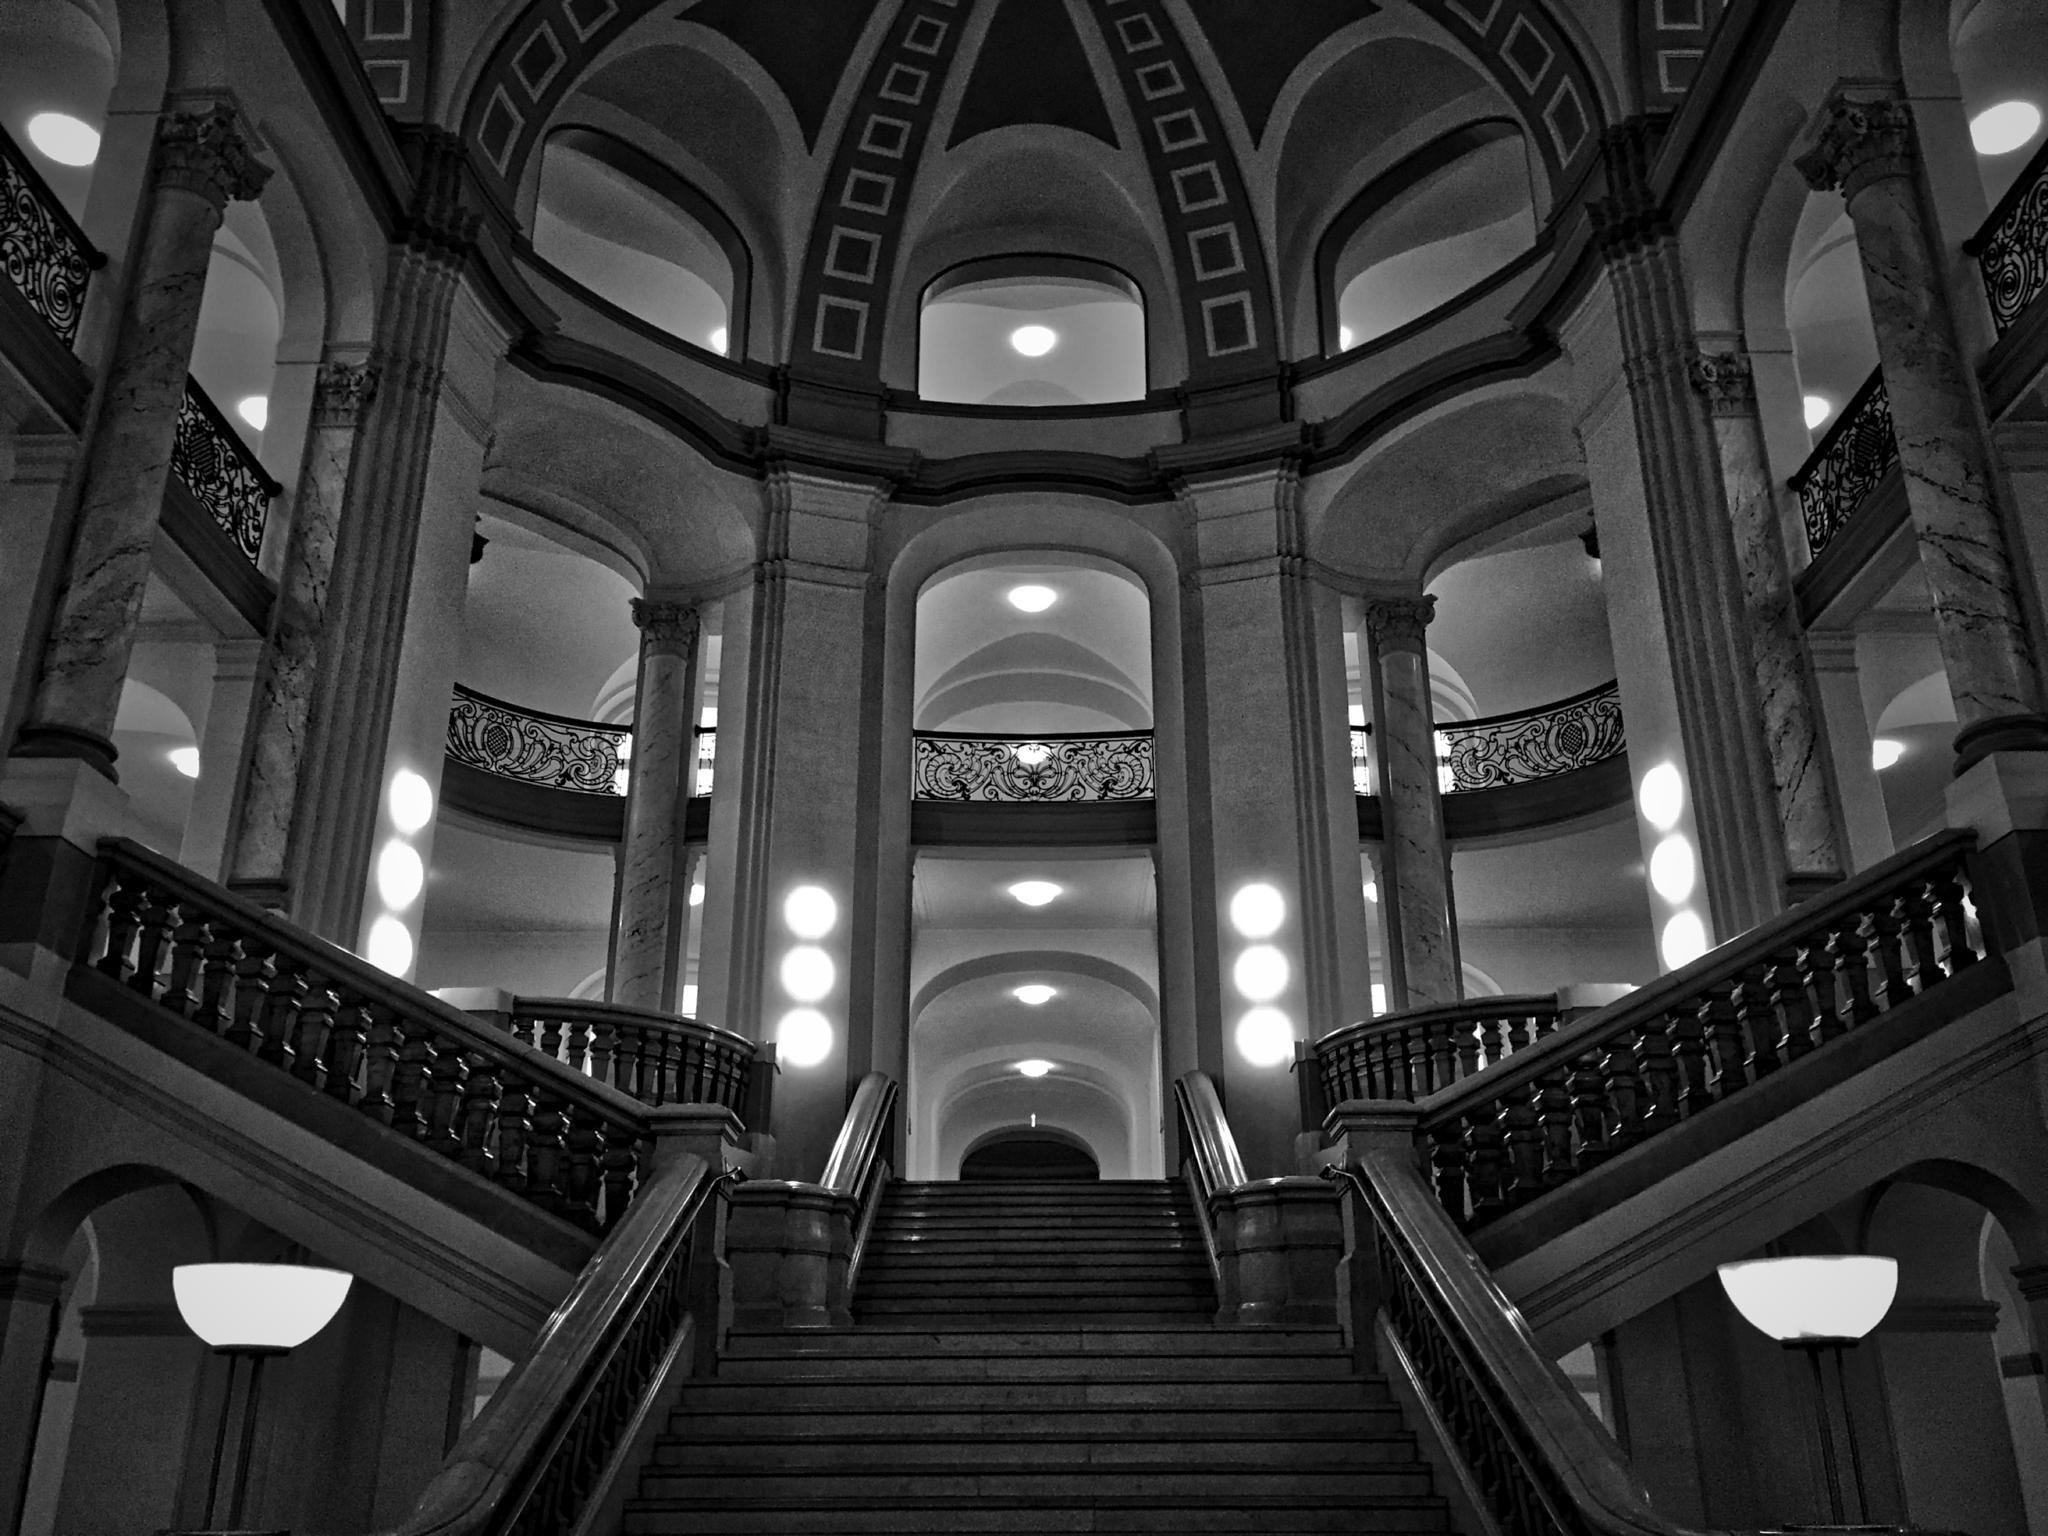 Amtsgericht Köln by Juergen Schmitz